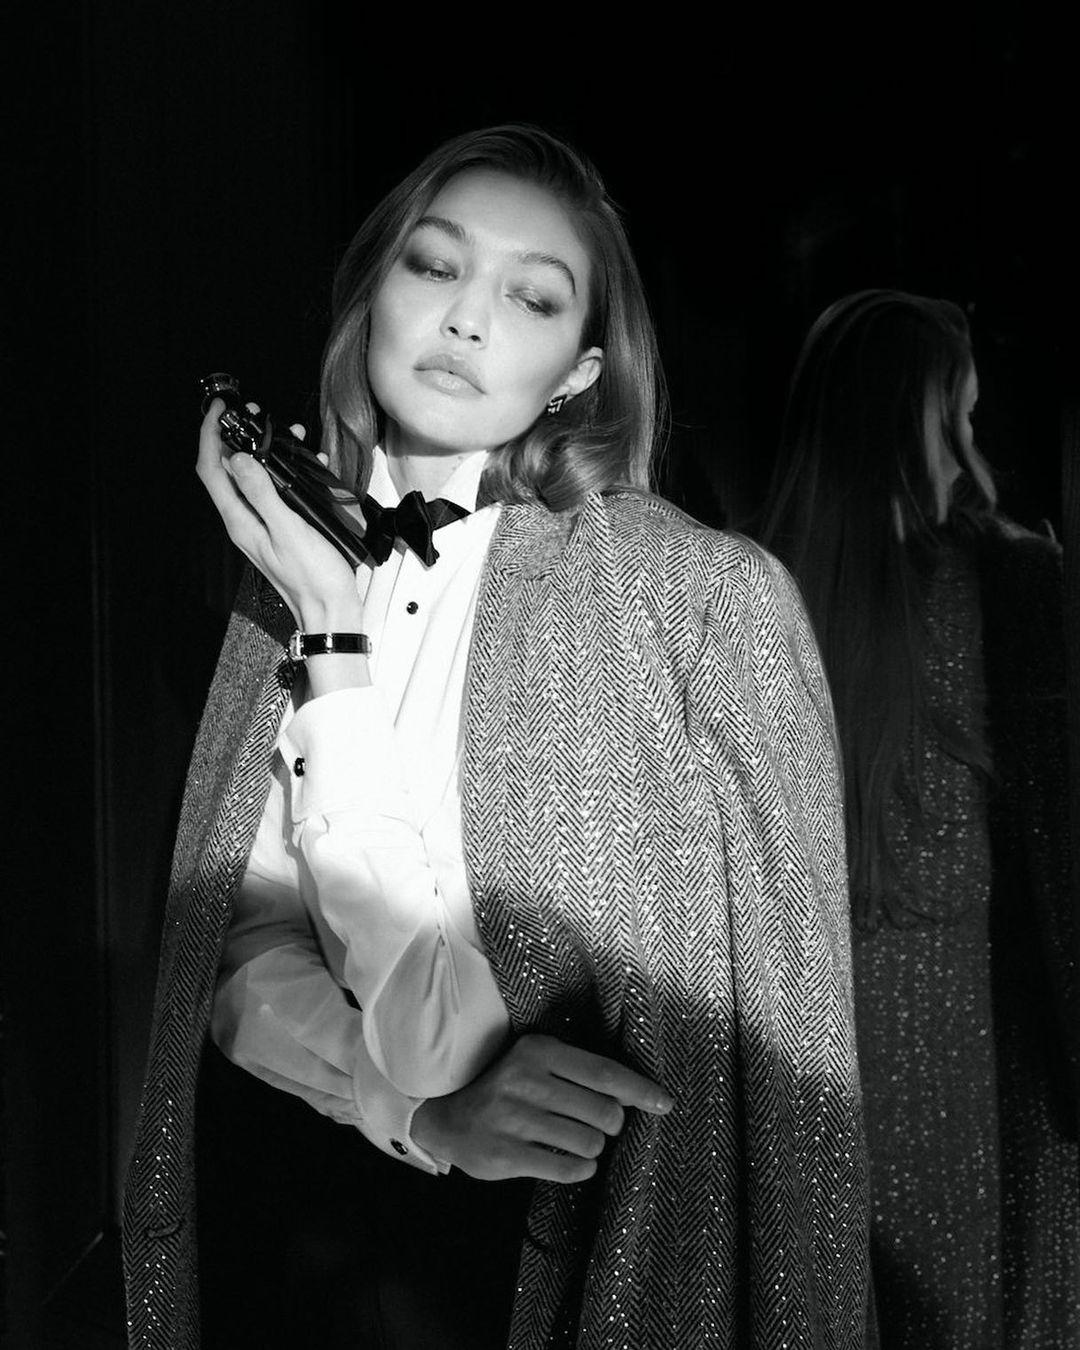 Джиджи Хадид стала лицом нового аромата Ralph Lauren (ФОТО+ВИДЕО) - фото №4